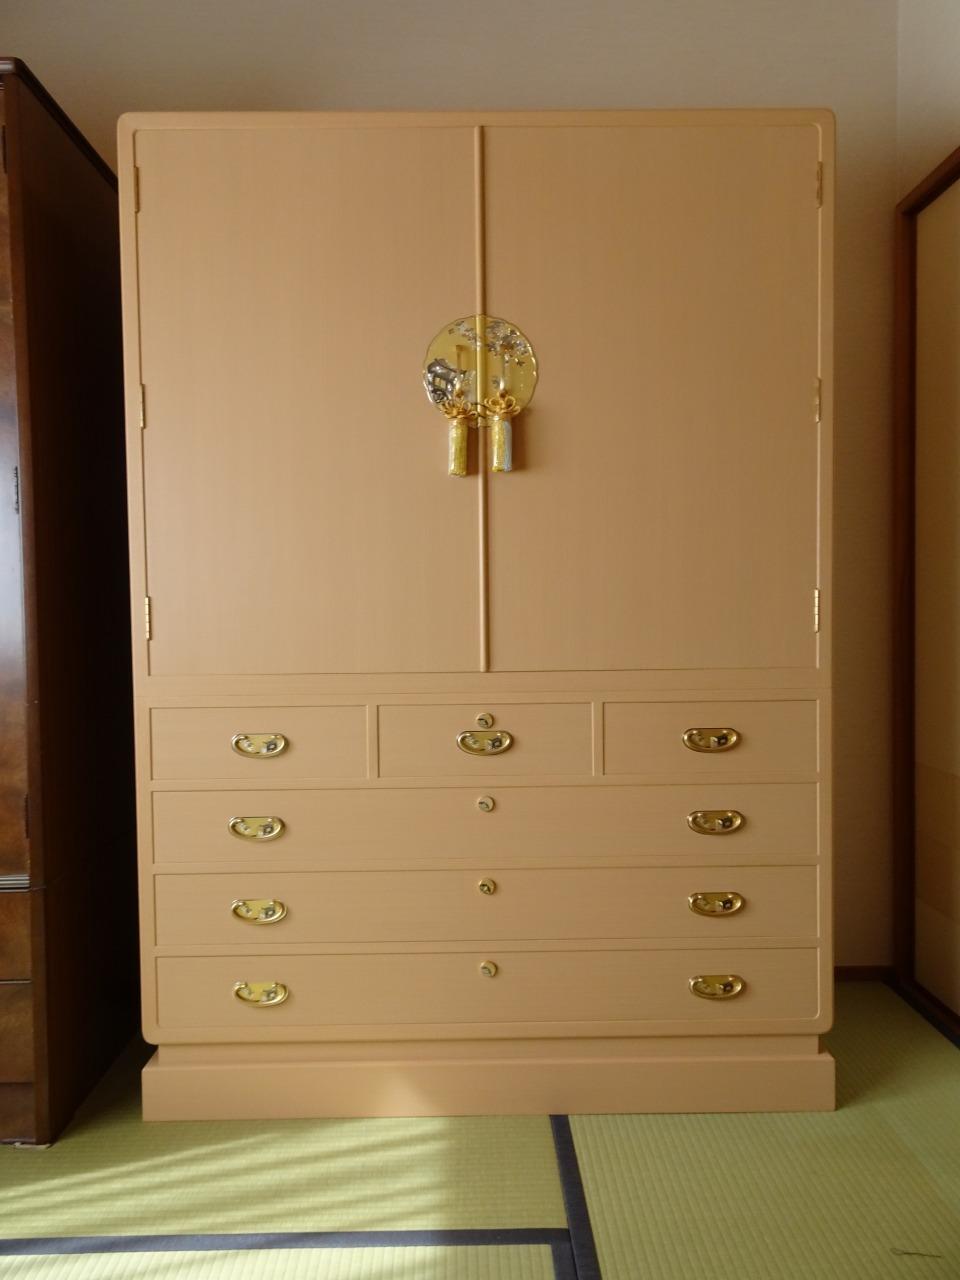 初音の家具 こだわりの総桐箪笥 天地丸御所車大戸衣裳箪笥をお届けいたしました。